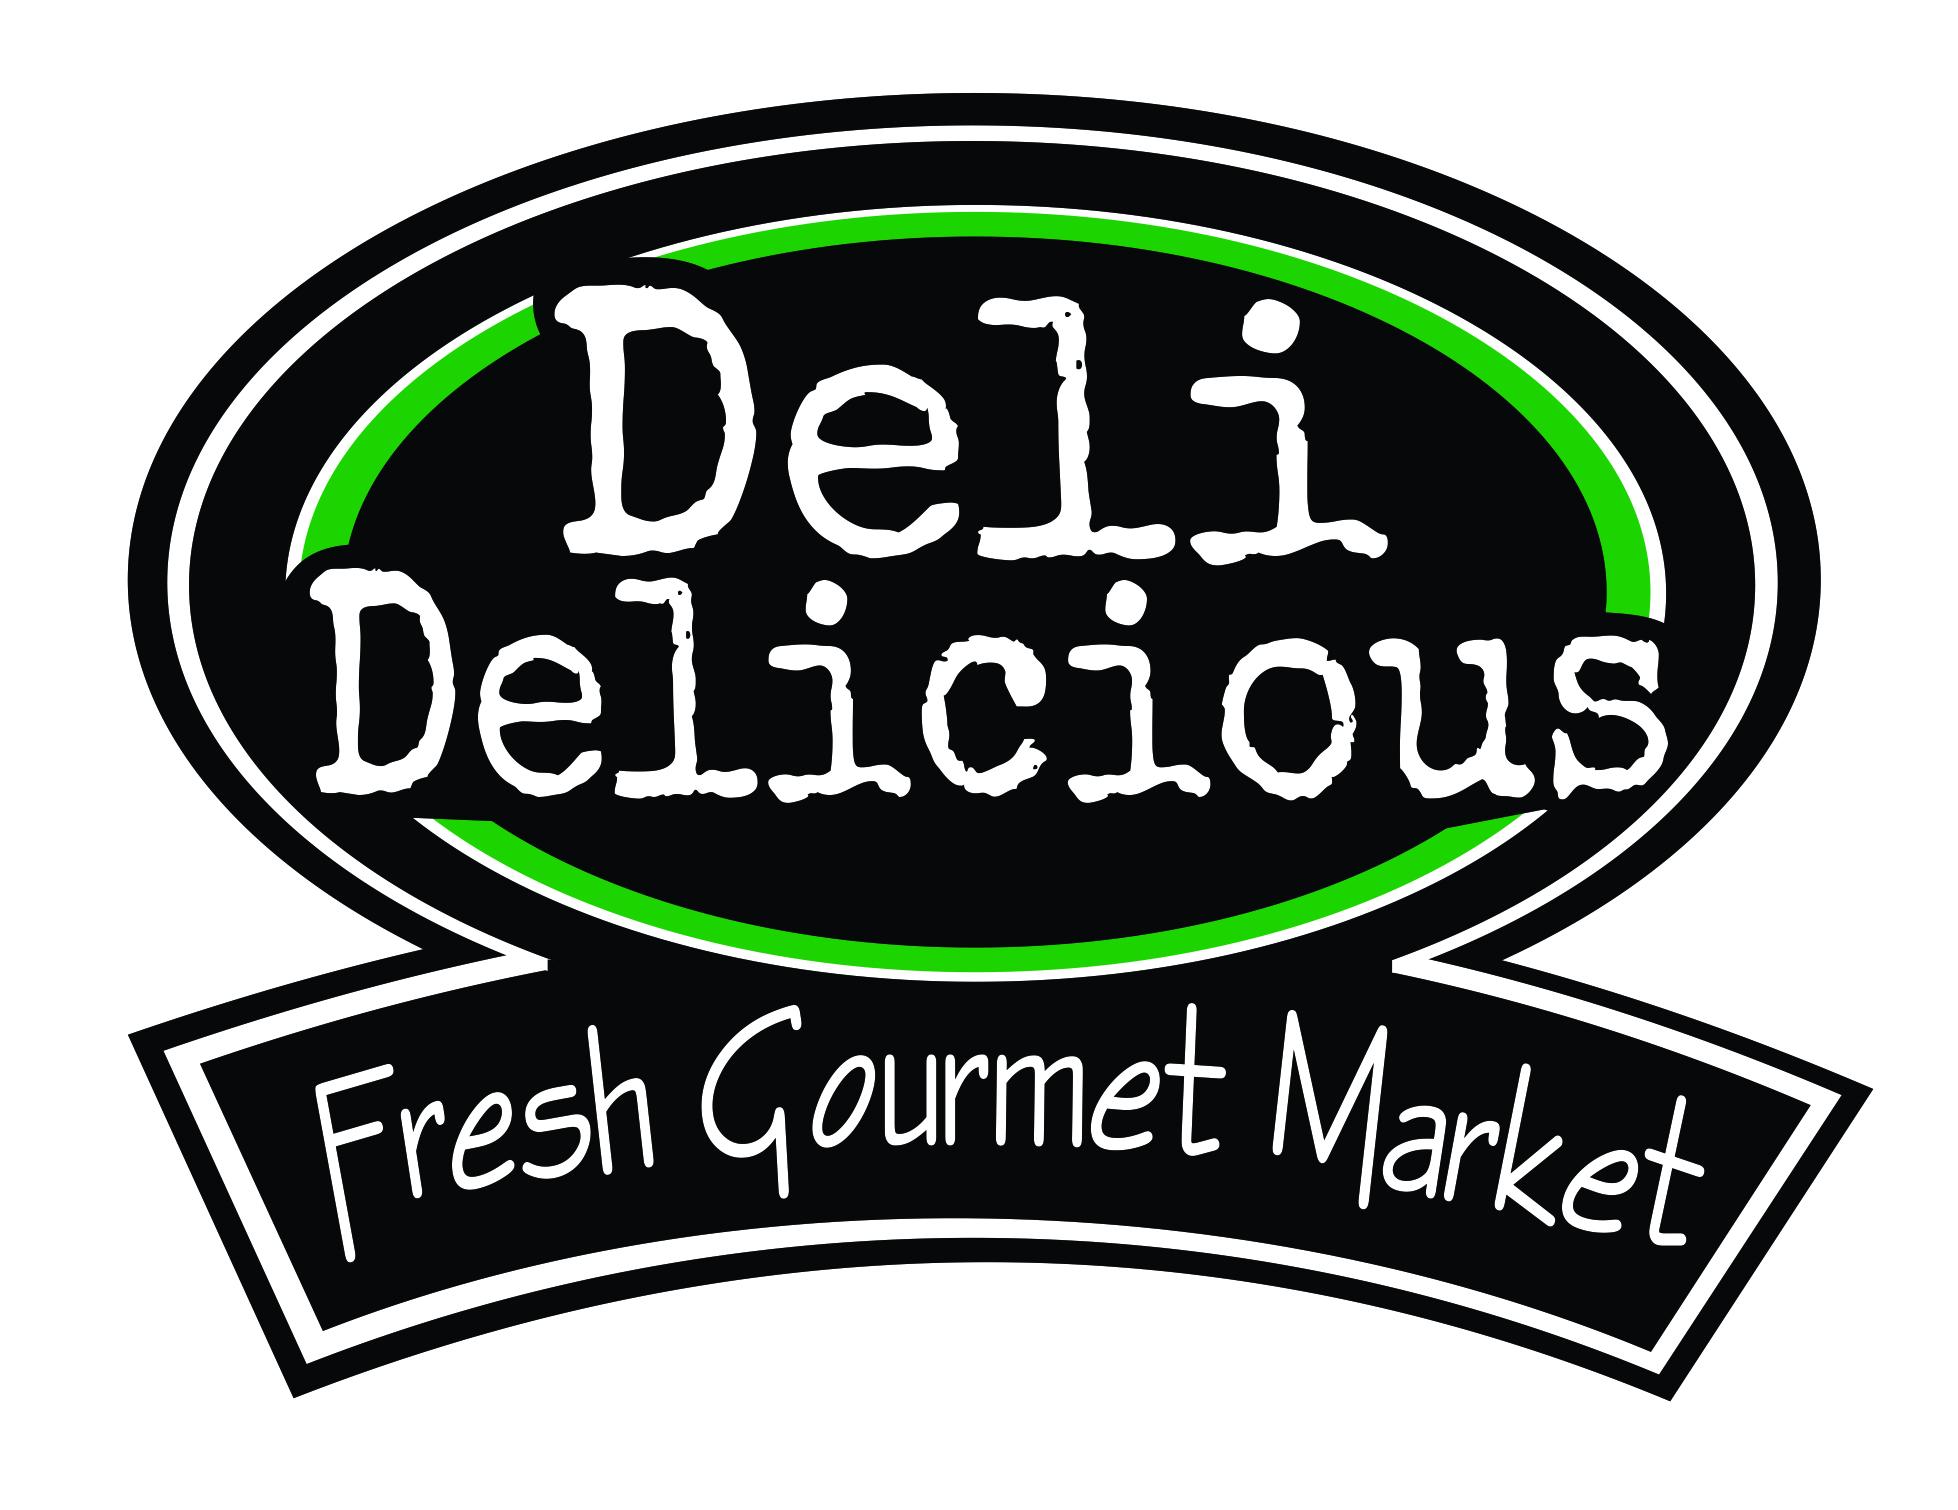 deli delicious logo (1).jpg